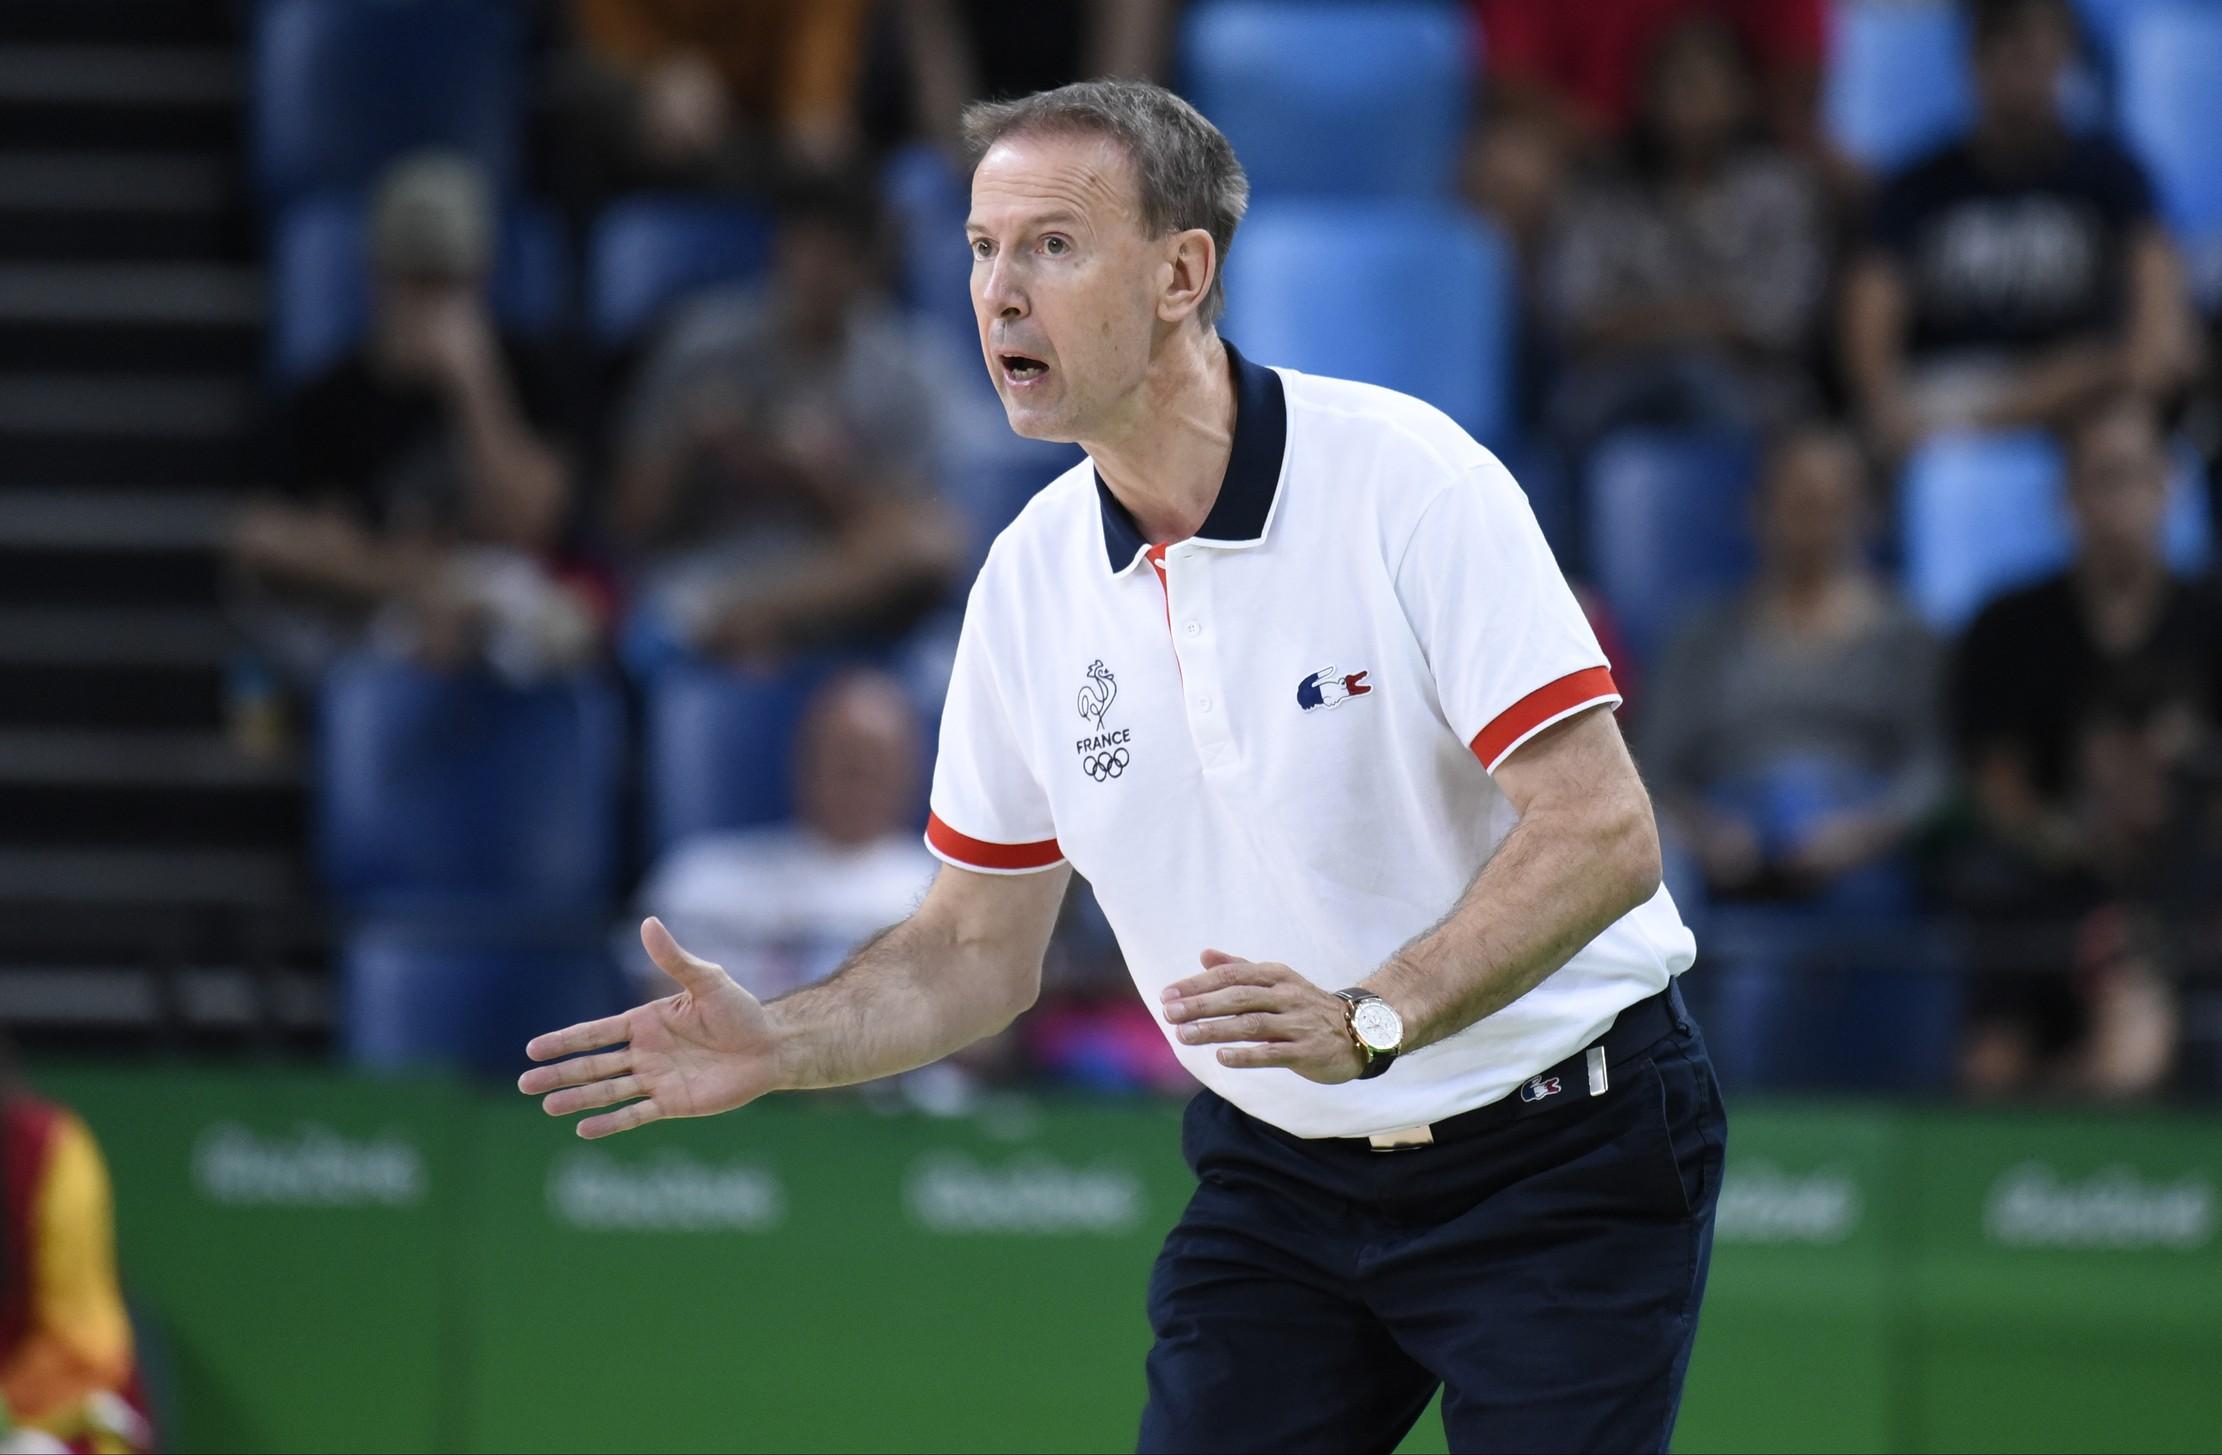 Vincent Collet poursuit l'aventure à la tête des Bleus - Equipe de ...: sport24.lefigaro.fr/basket/equipe-de-france/actualites/vincent...